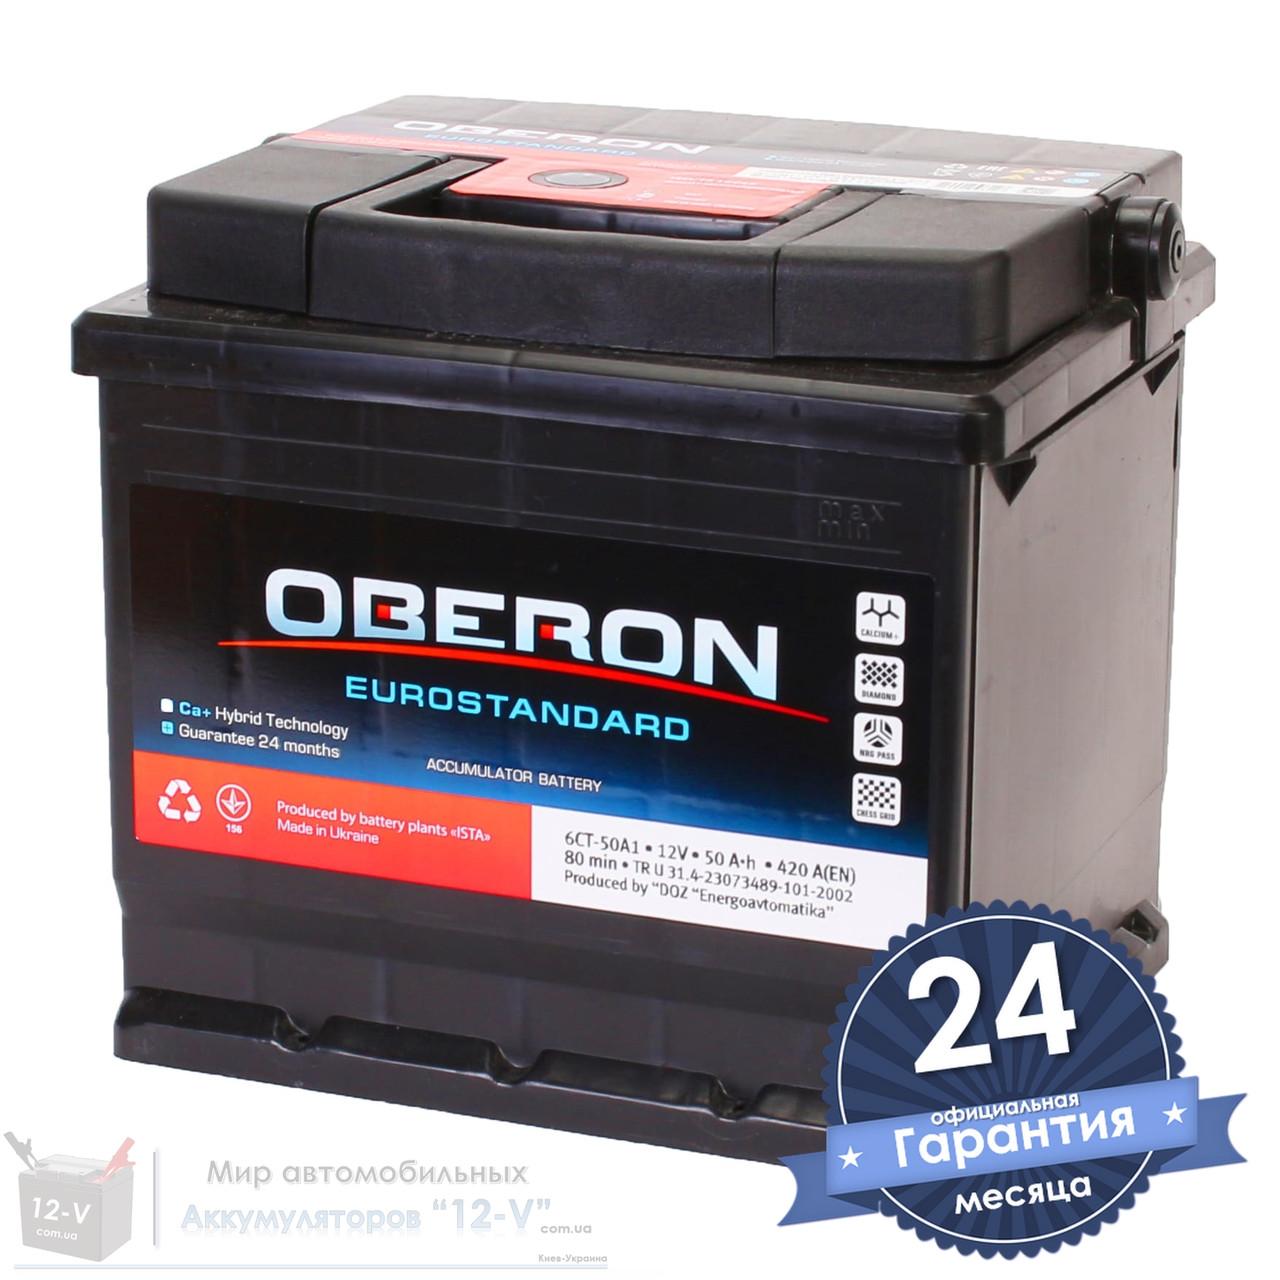 Аккумулятор автомобильный OBERON Eurostandard 6CT 50Ah, пусковой ток 420А [+ –]